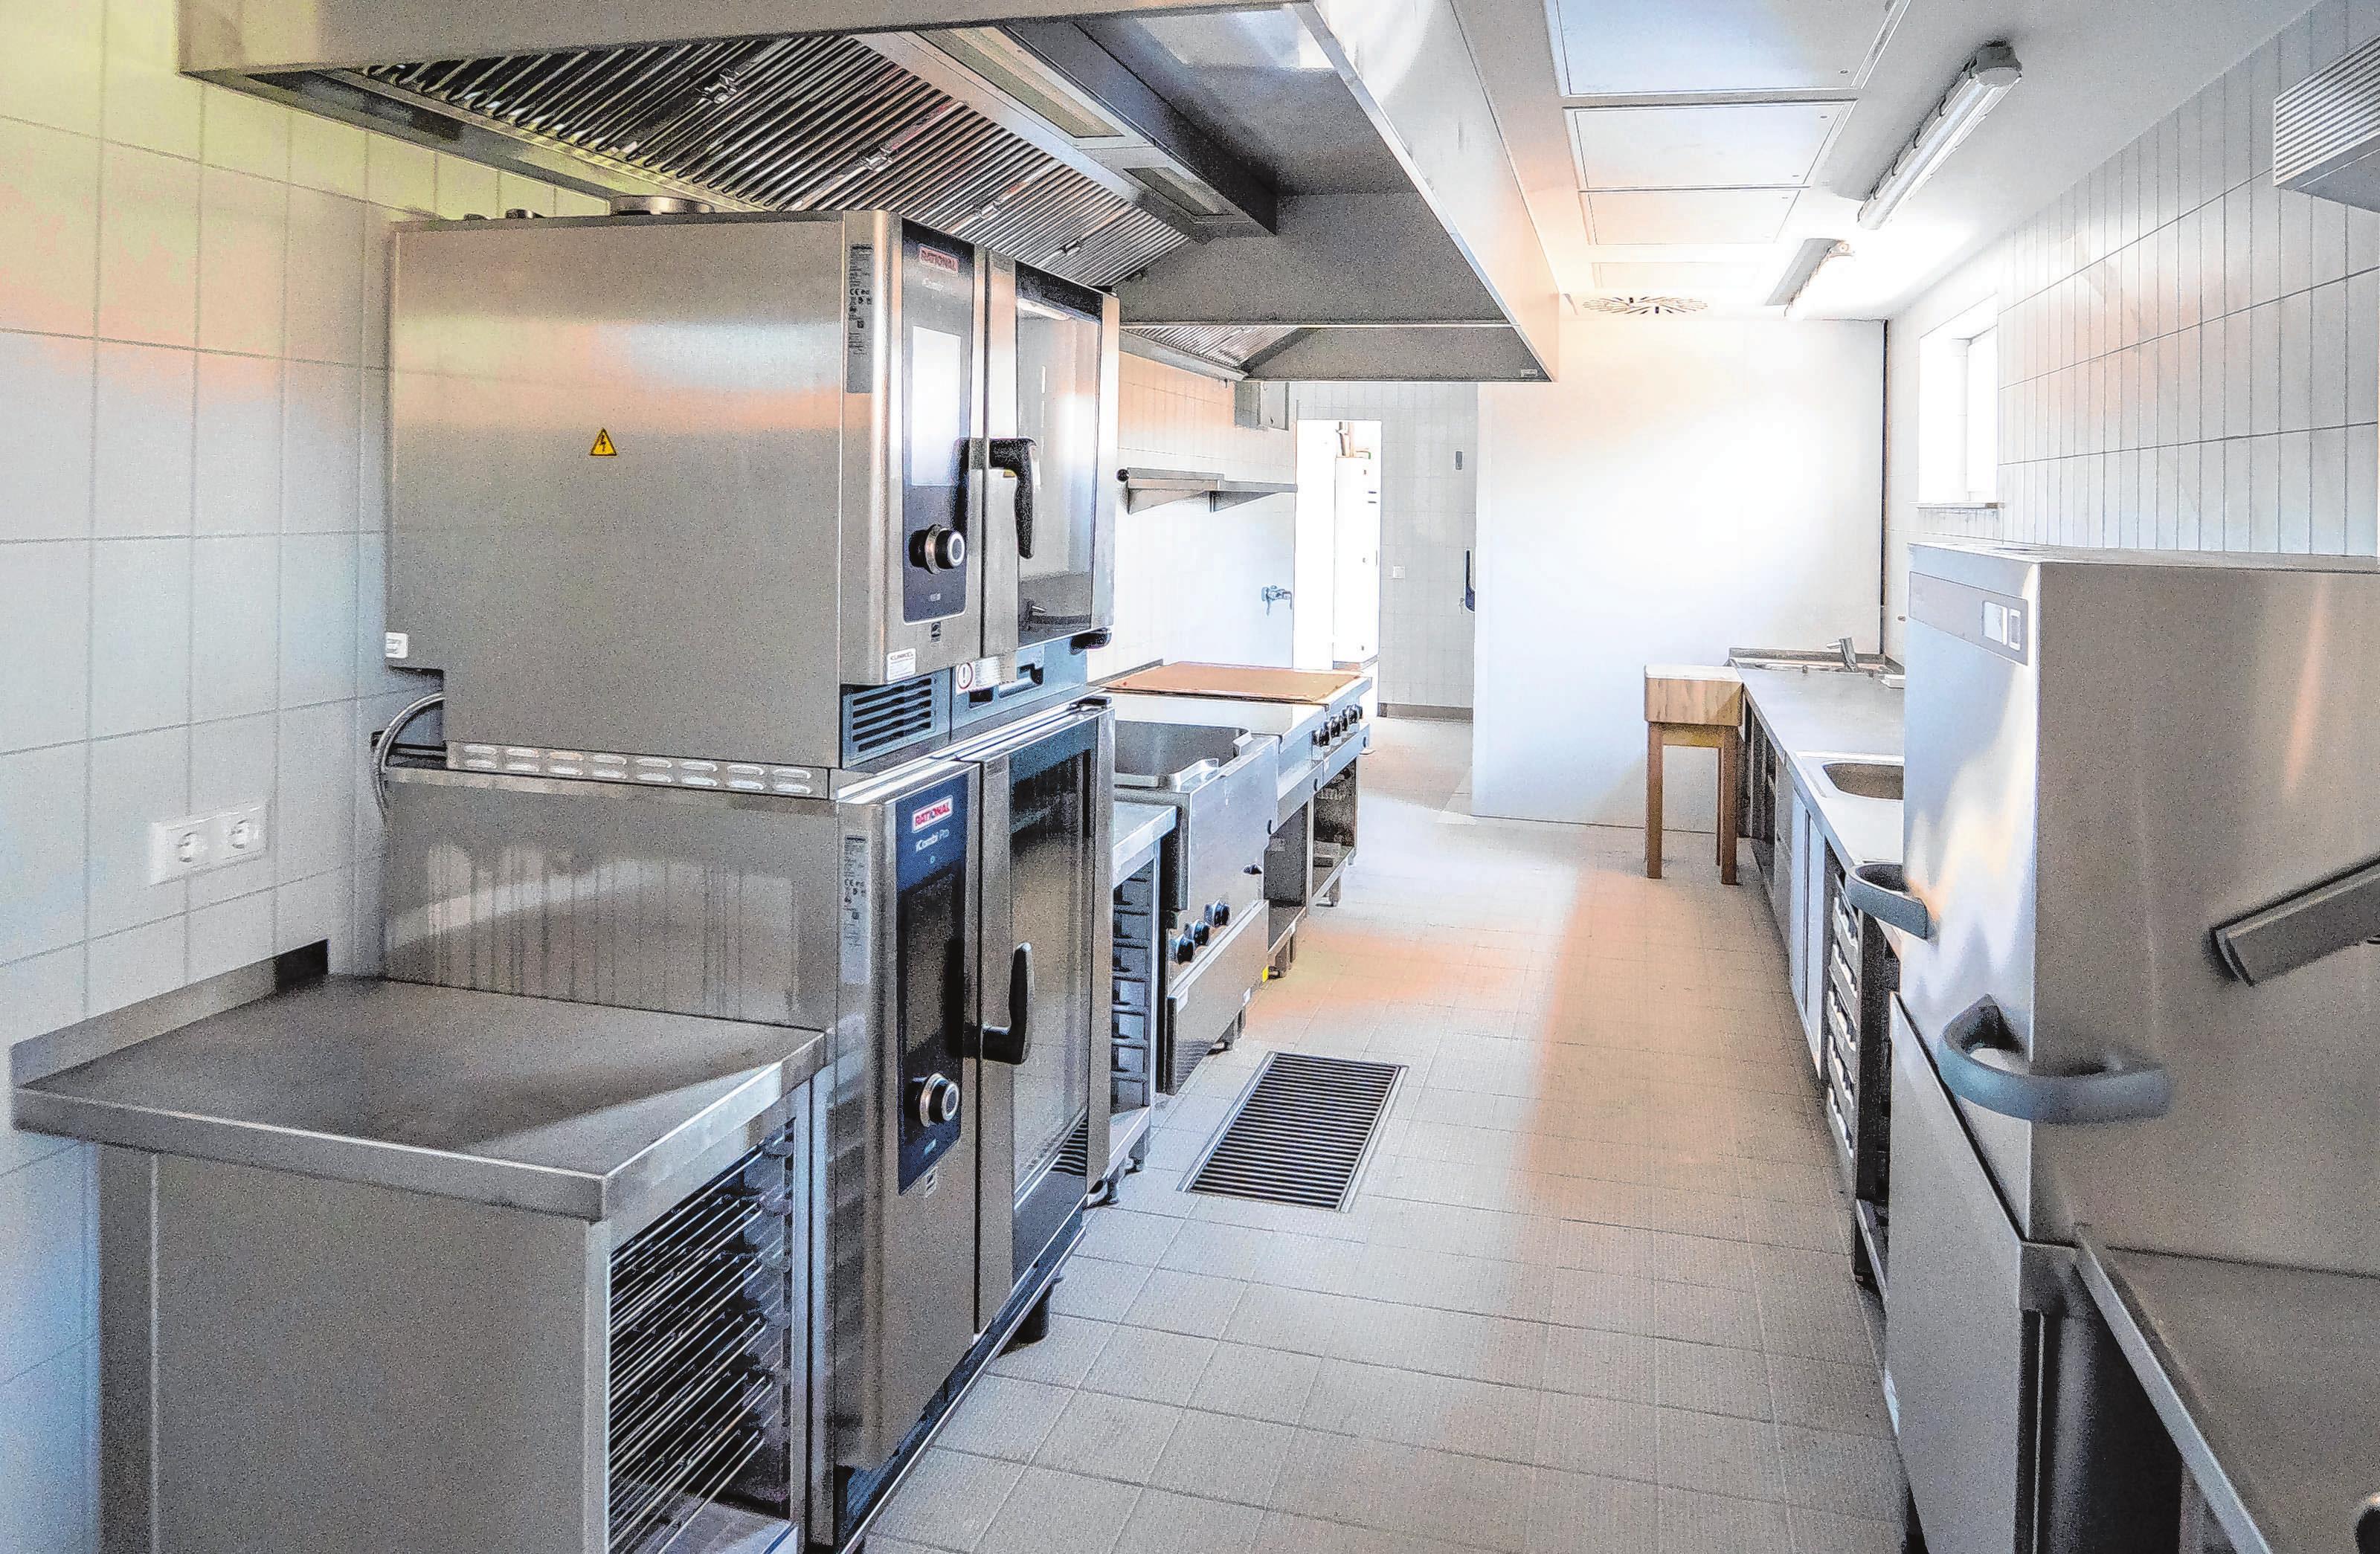 Modern auch hinter den Kulissen: Ist der Betrieb erst eröffnet, bleibt der Blick in die Küche verwehrt. Hier haben die Mitarbeiter nun auch deutlich bessere Arbeitsbedingungen.